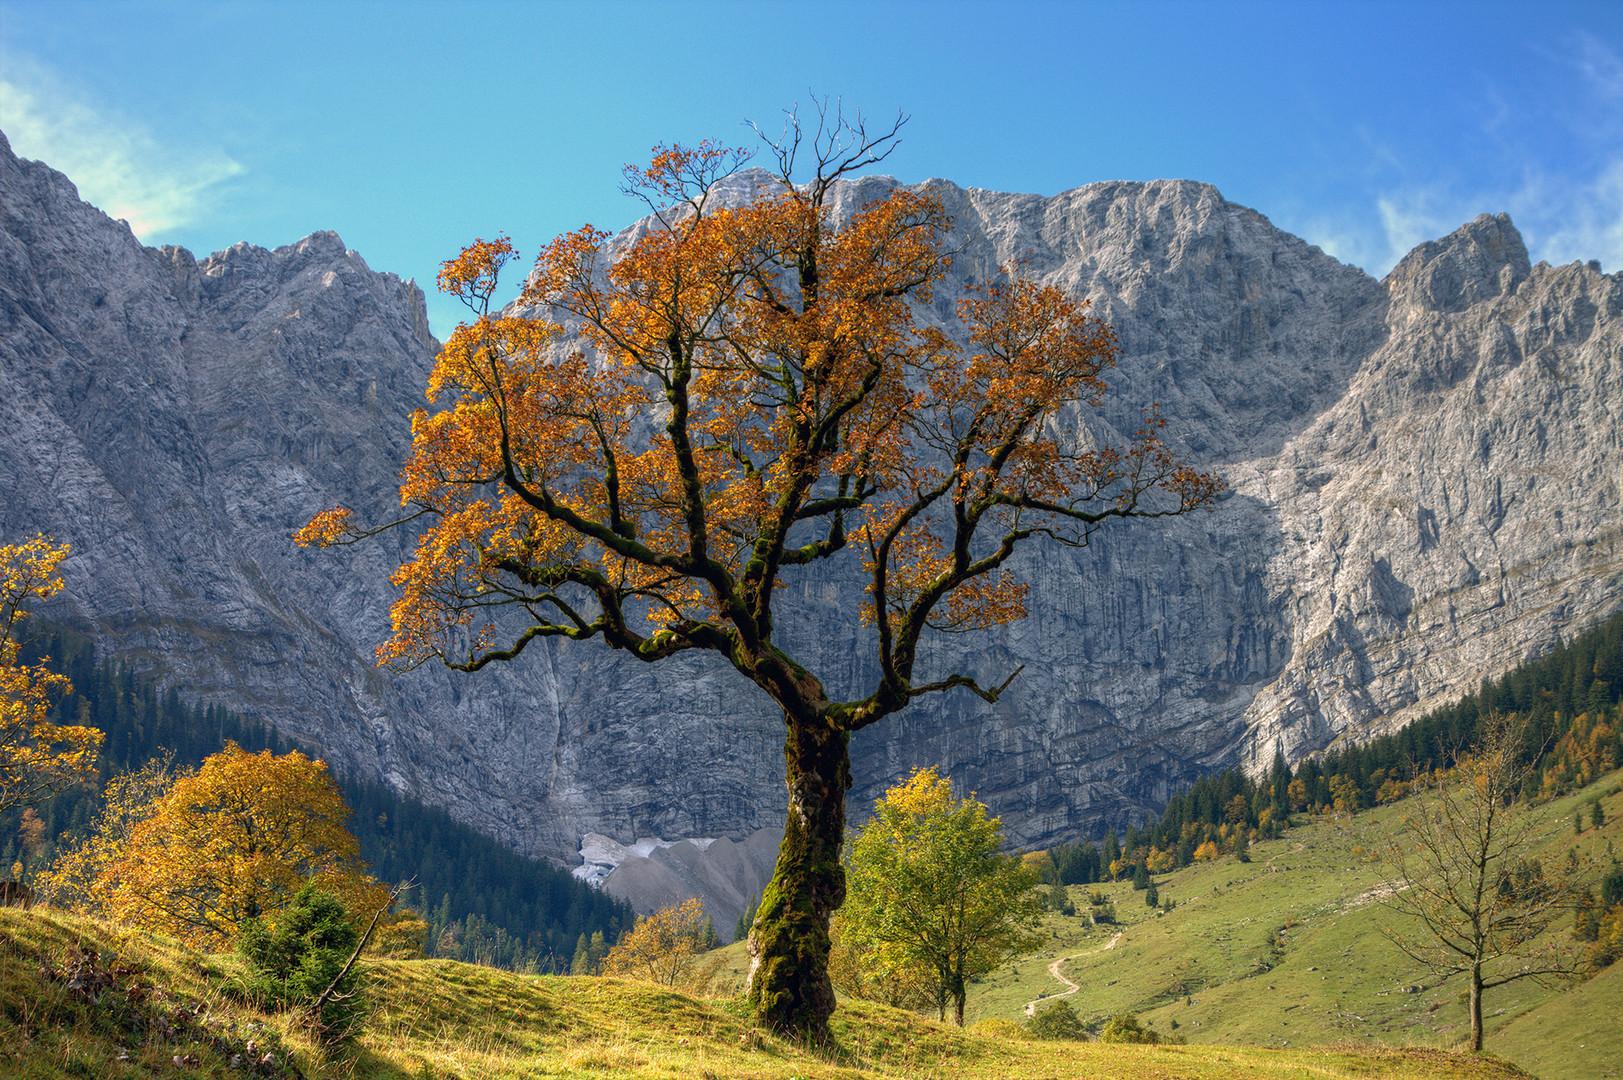 der meistfotografierte Baum